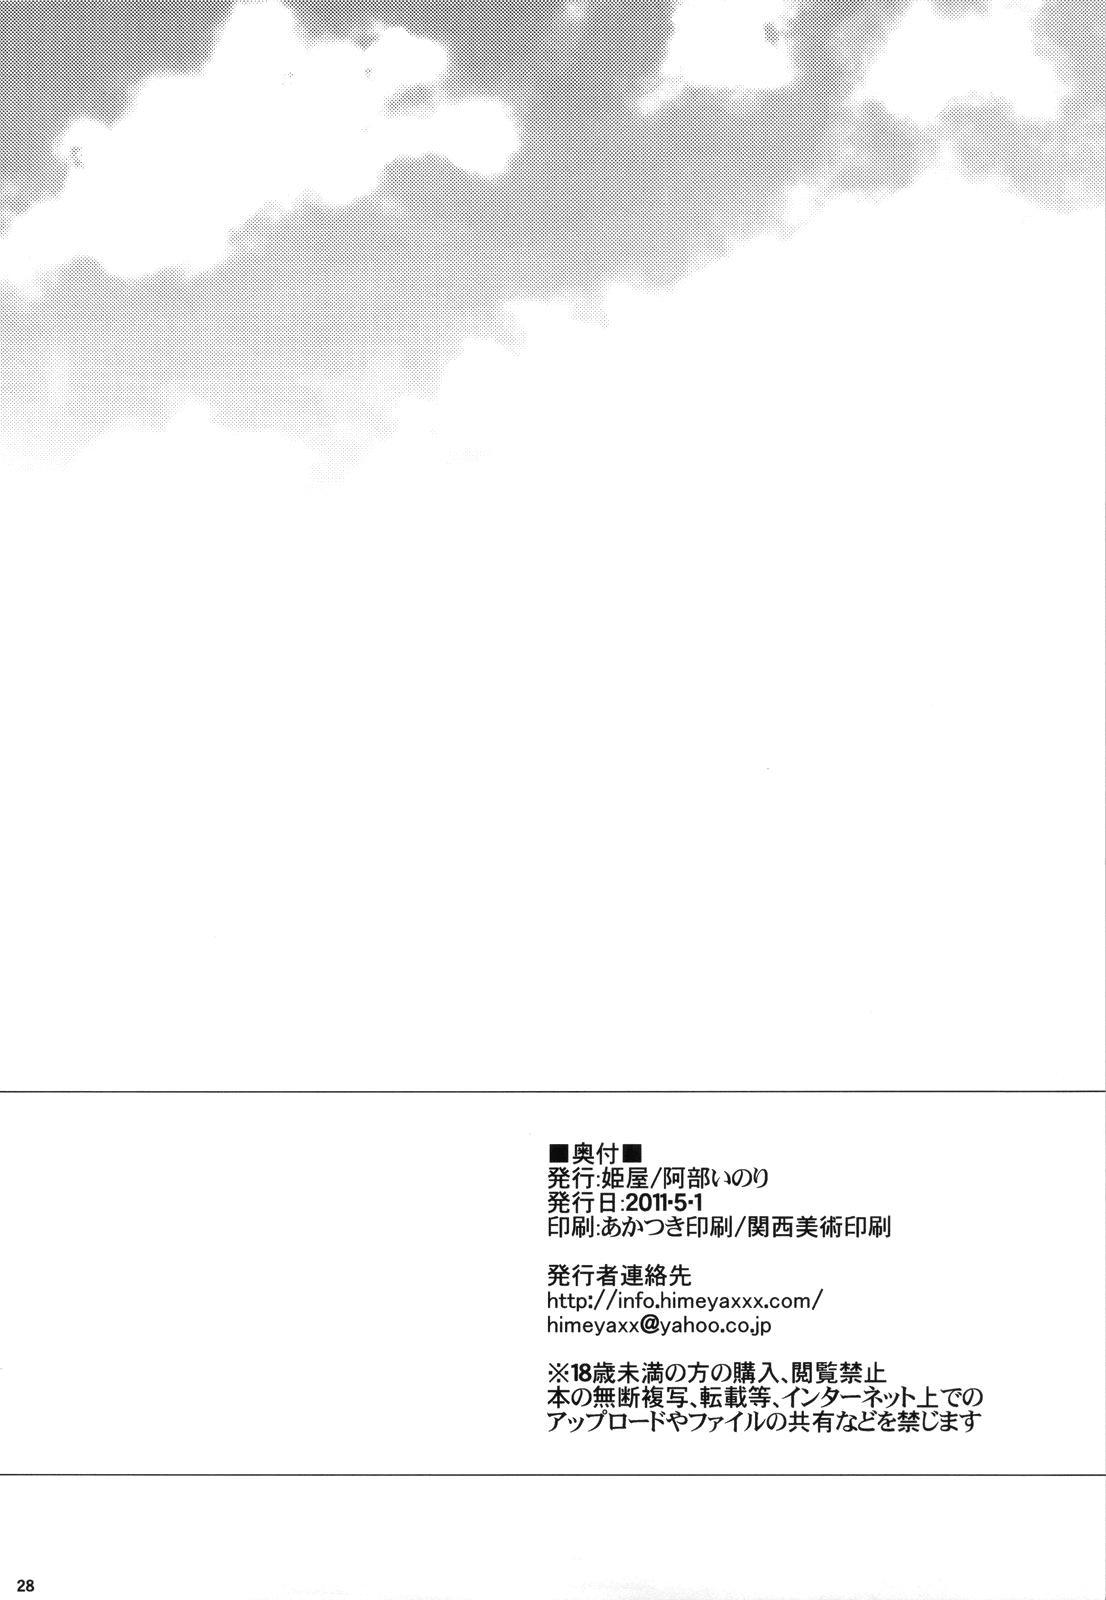 Rydia no Kachi | Rydias Value 26